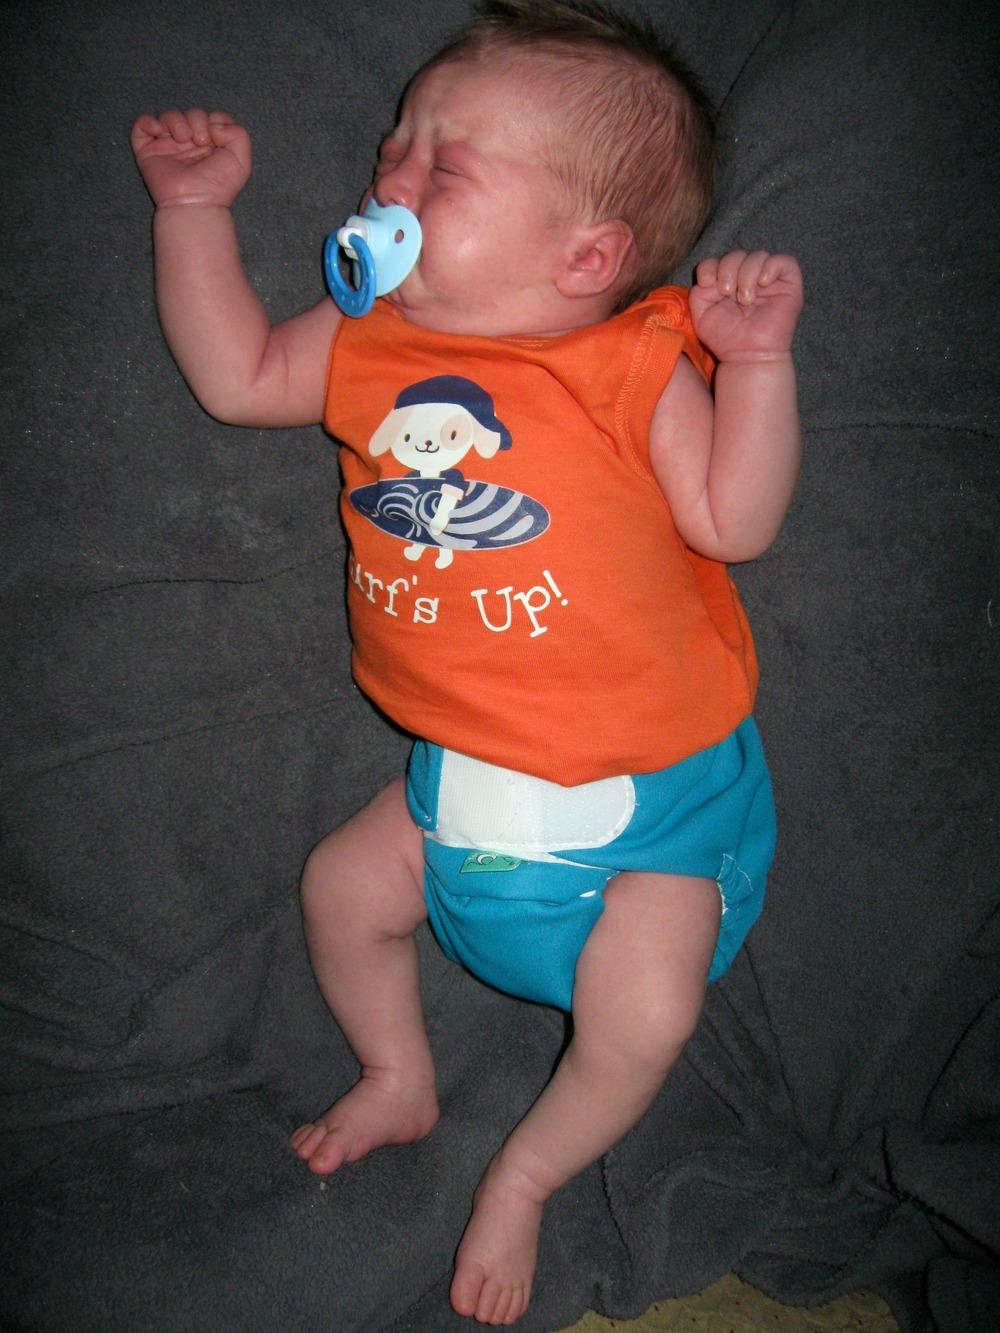 8lb11oz+ -- 23 days old